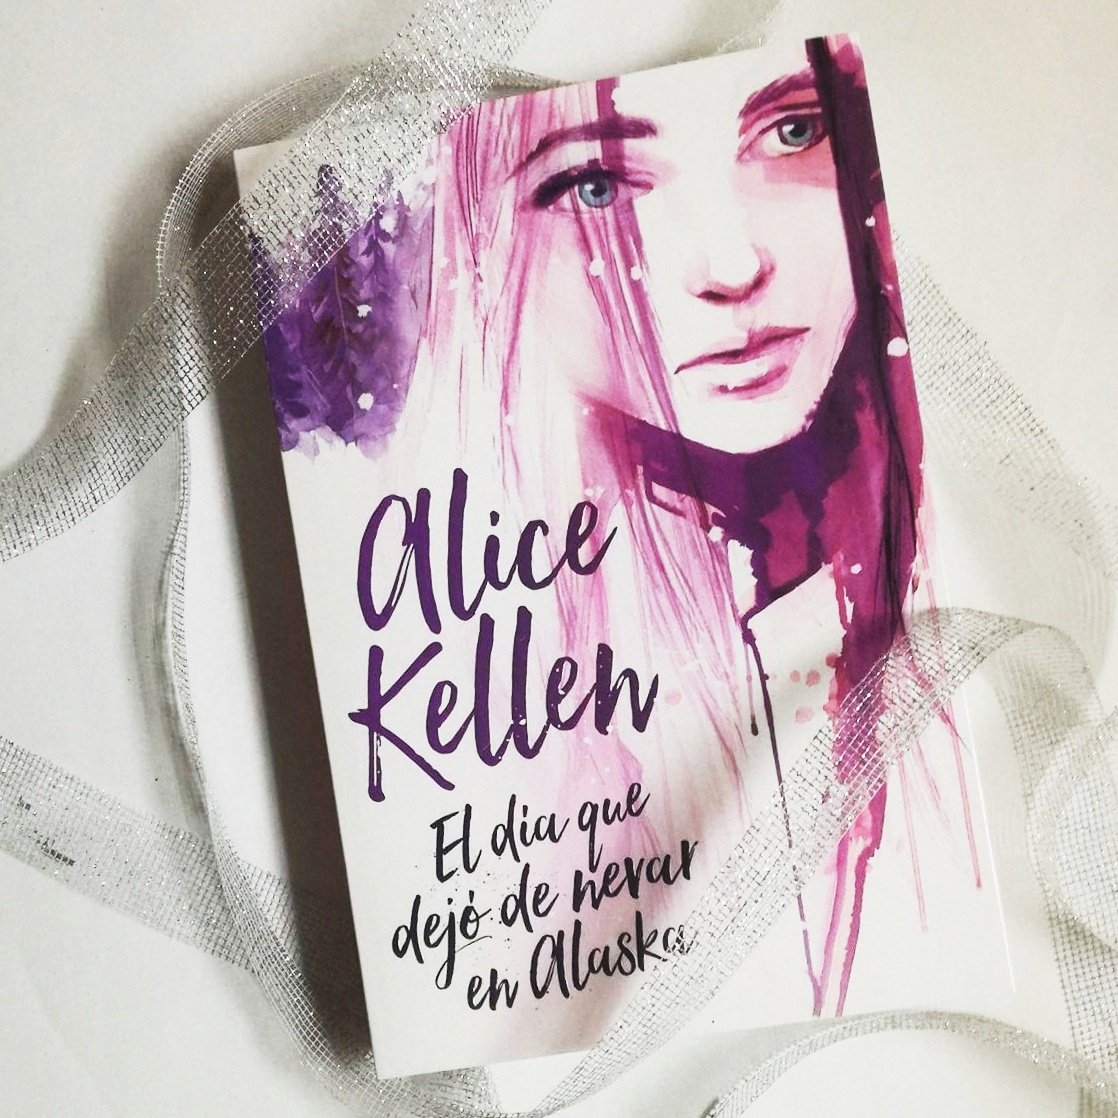 """Alice Kellen on Twitter: """"Os presento a Nilak, el protagonista. Si tuviese  que definirlo con tres palabras, diría que es frío, reservado y...  misterioso ❄… https://t.co/L133H8WuNC"""""""